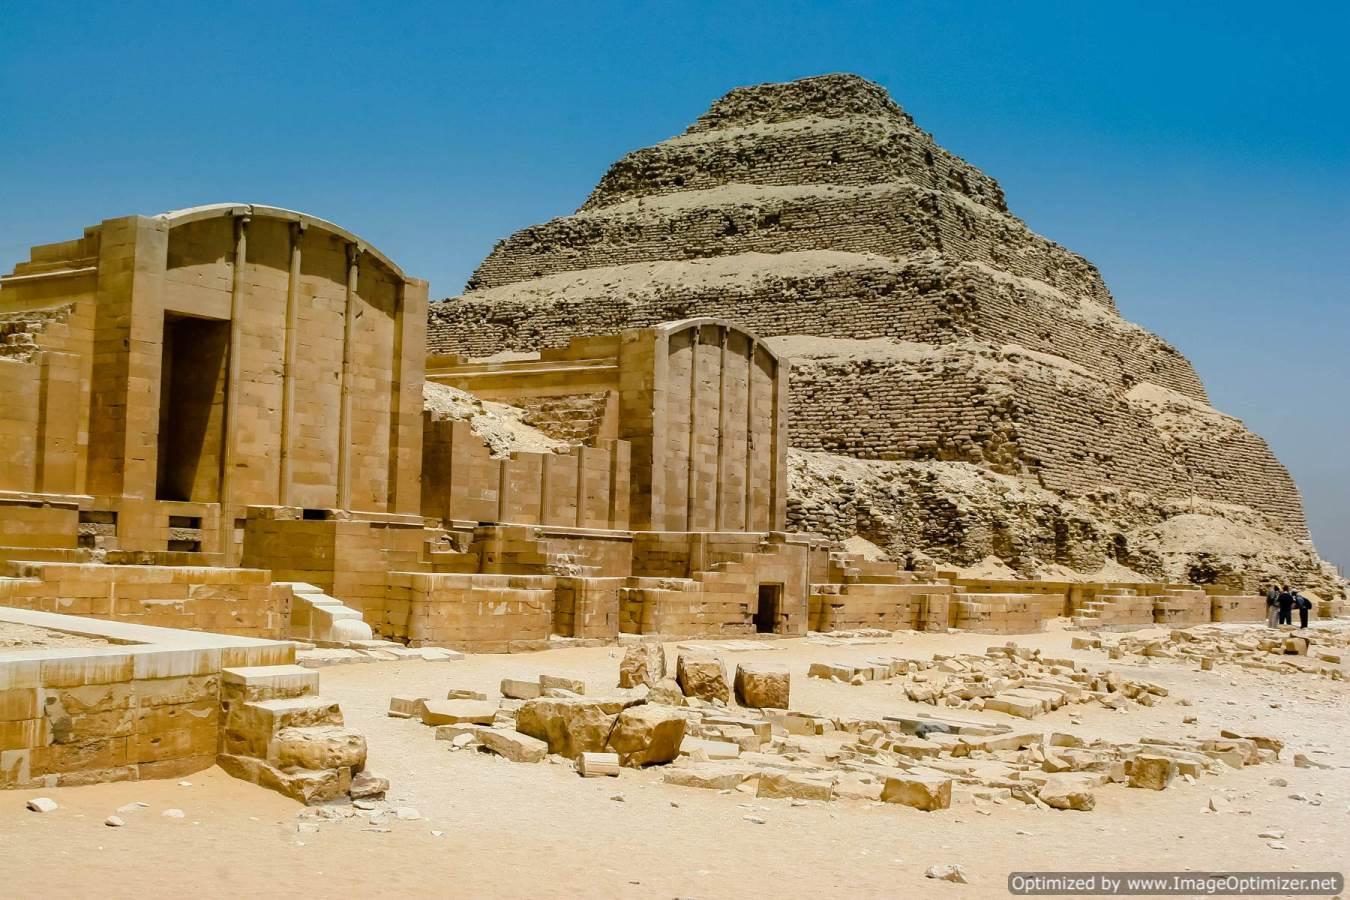 Day 02:Egypt Pyramids Tour